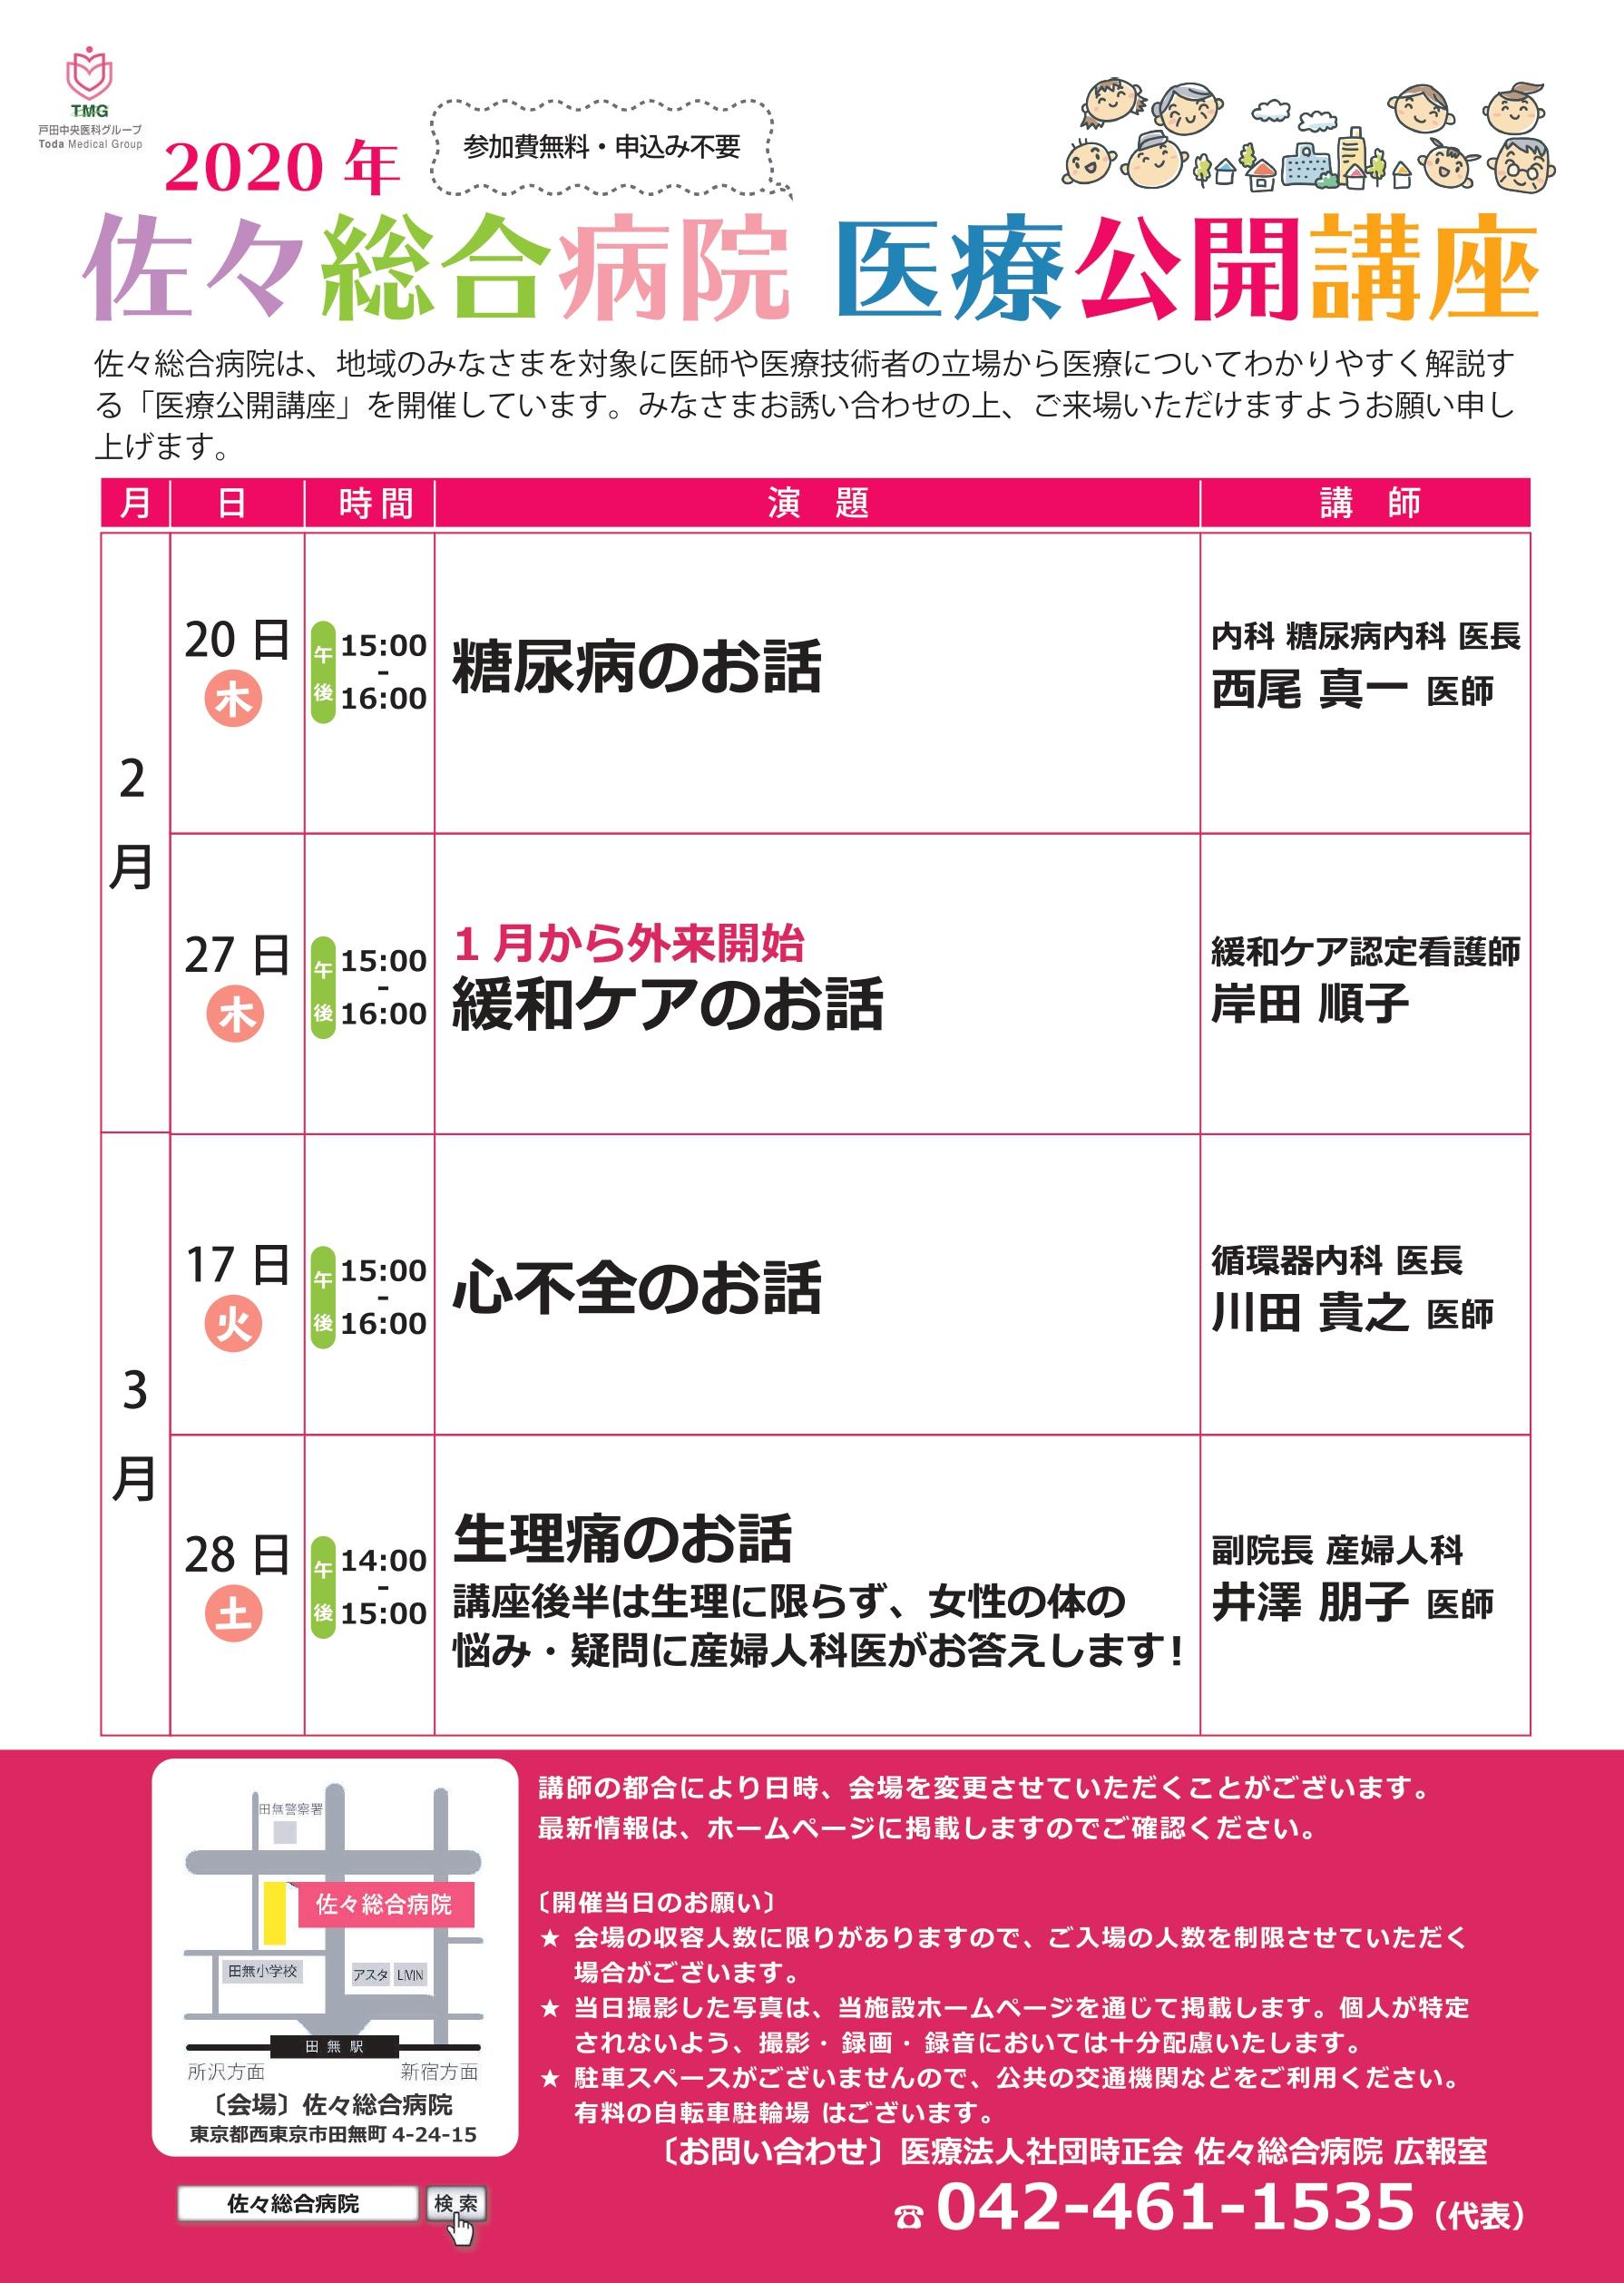 令和2年2月~3月 医療公開講座のスケジュール